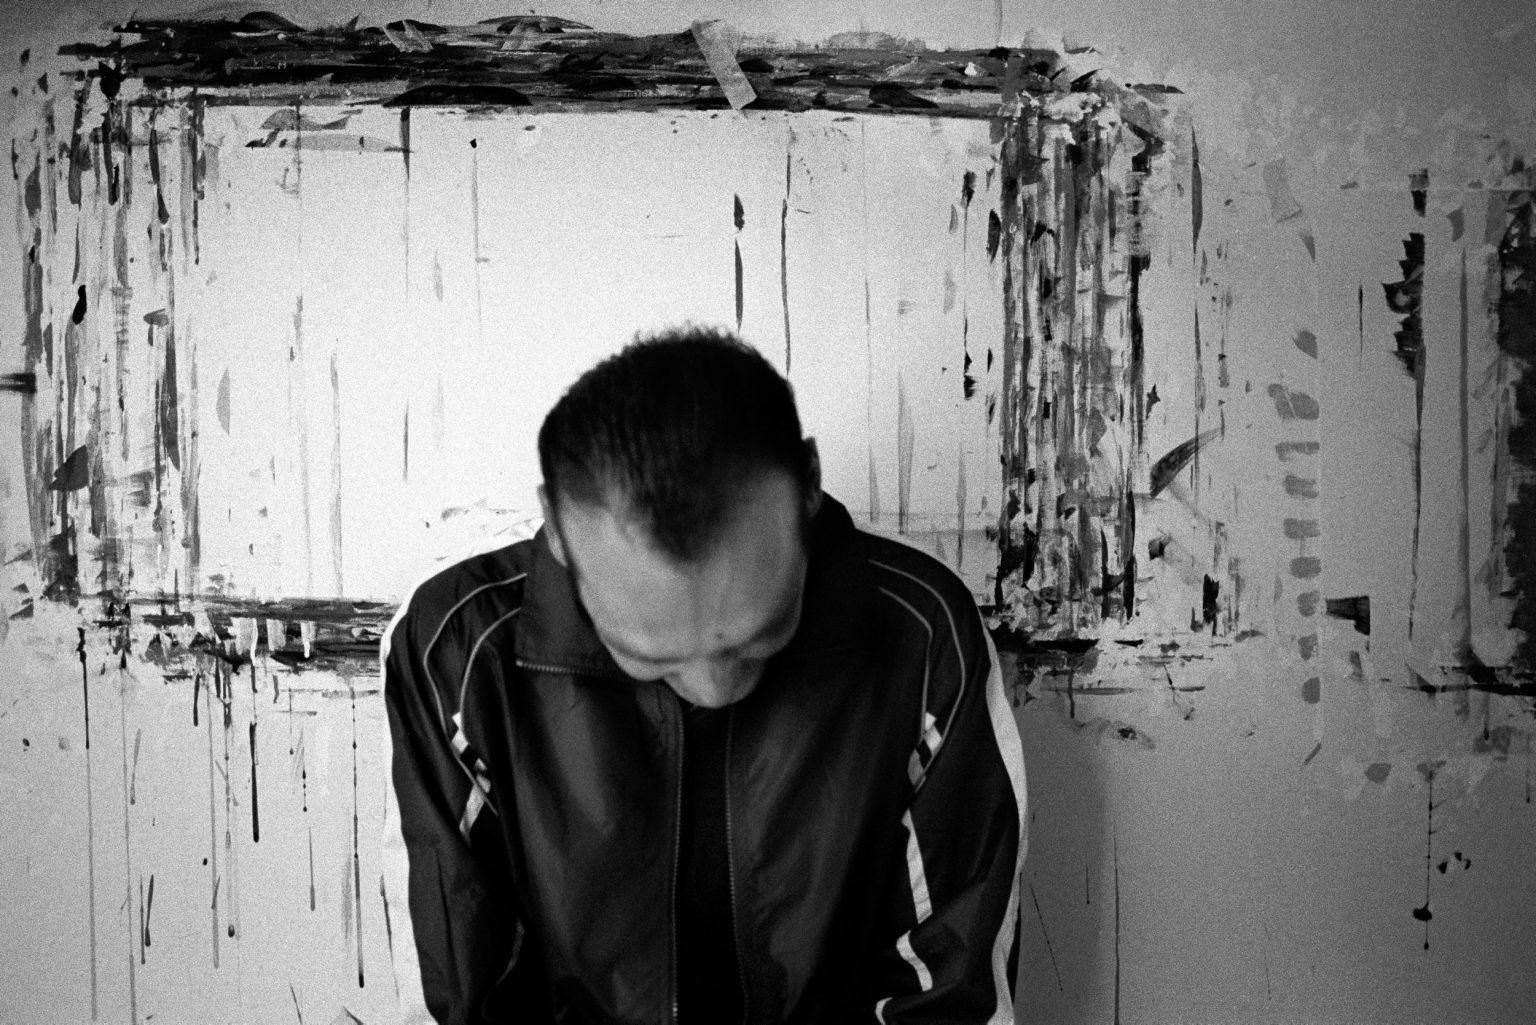 """Aversa ( Caserta ), November 2006 - The Judicial Psychiatric Hospital """"Filippo Saporito"""" -  A inmate in the art activity room"""